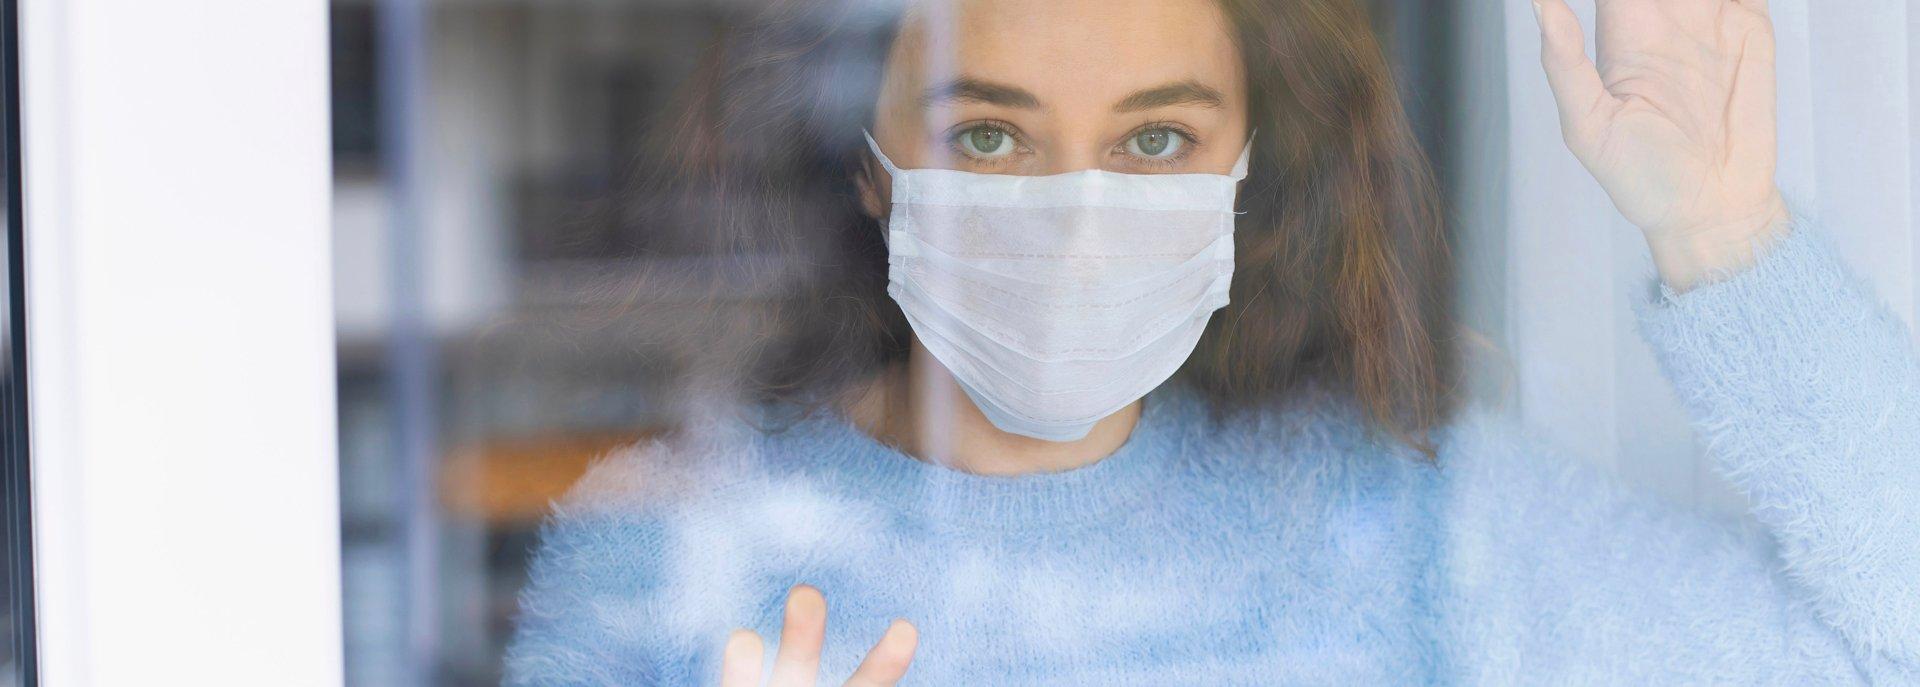 È partito il Progetto Ricominciare: al via i consulti di sostegno psicologico gratuiti per l'emergenza Covid